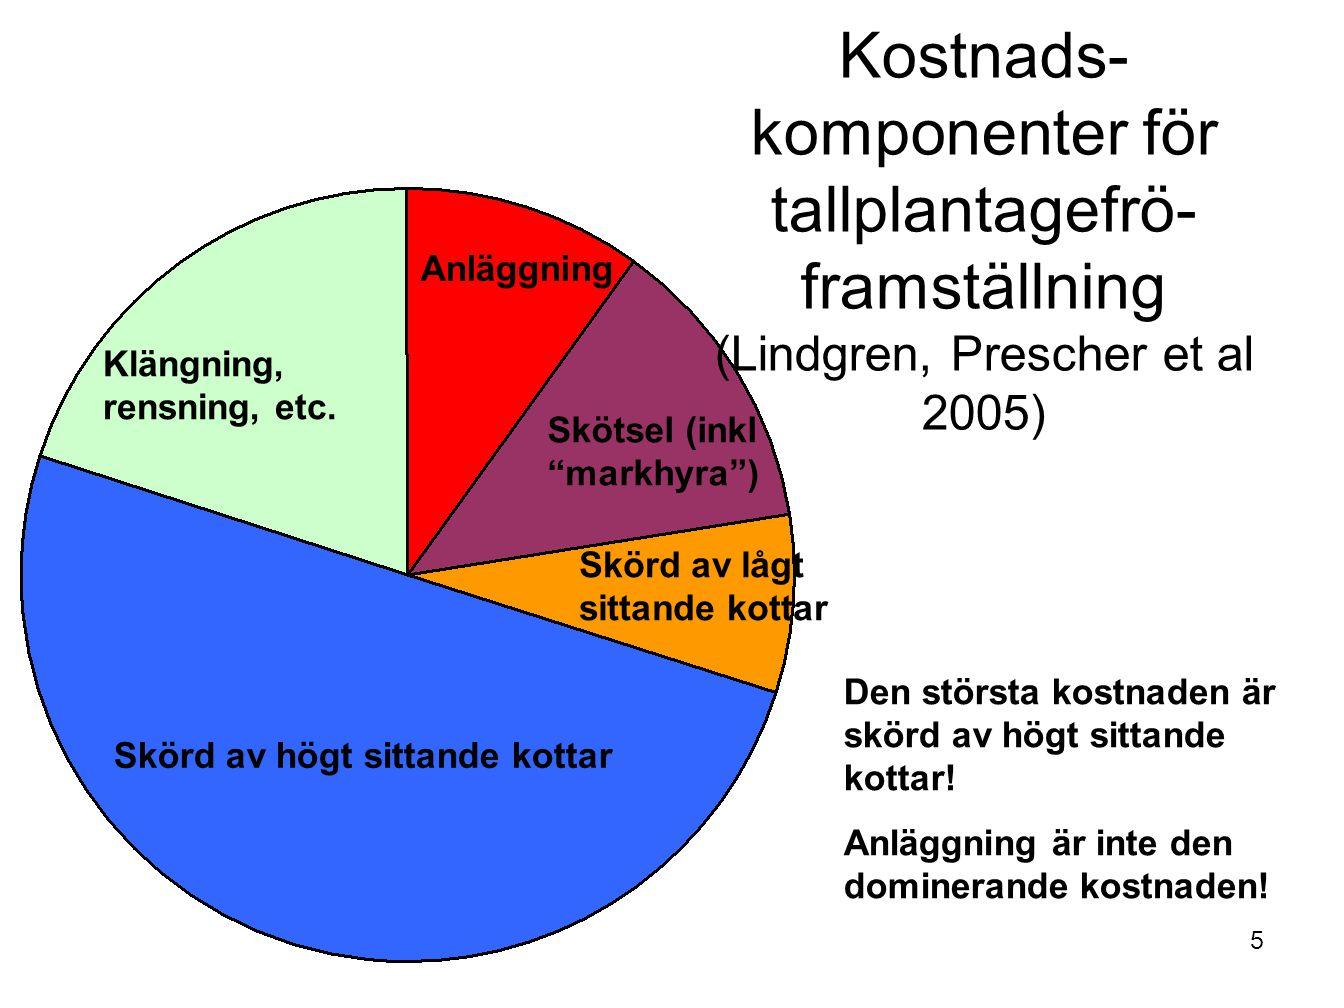 5 Skörd av högt sittande kottar Anläggning Kostnads- komponenter för tallplantagefrö- framställning (Lindgren, Prescher et al 2005) Den största kostna